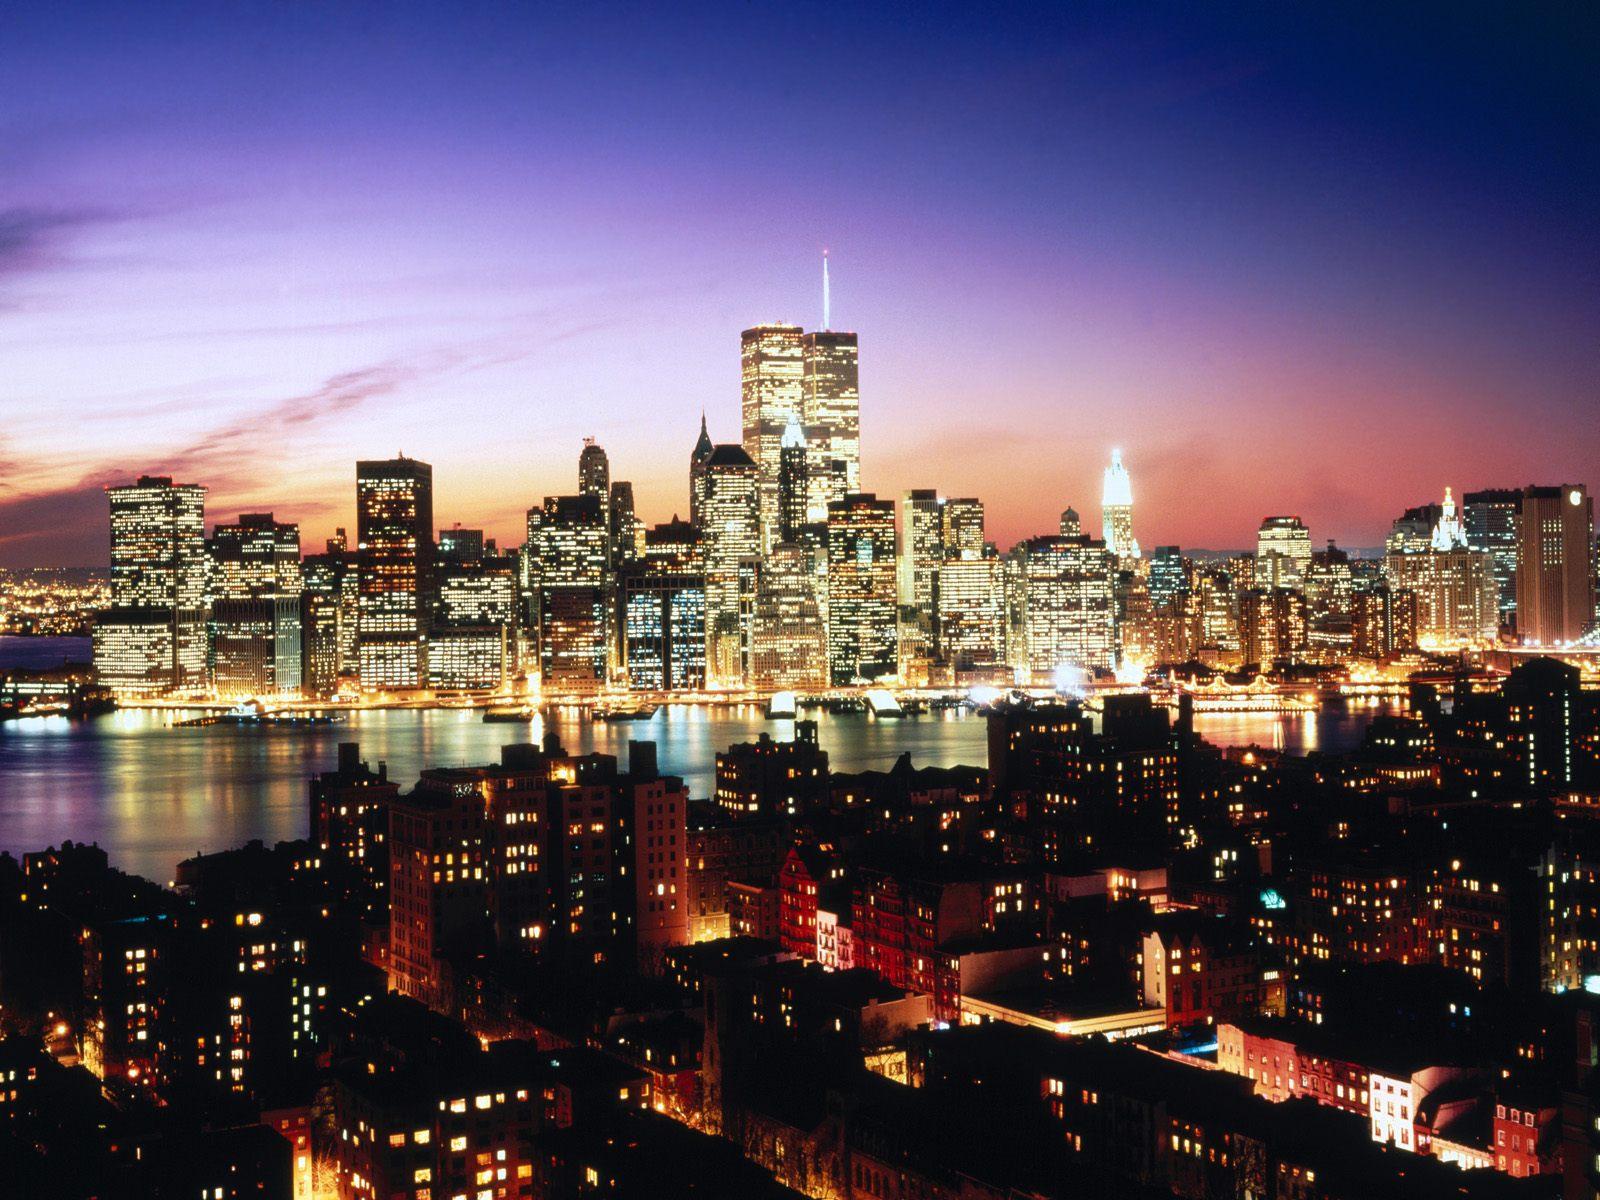 MarqueeKota Kota Yang Terang Indah Di Malam Hari Marquee